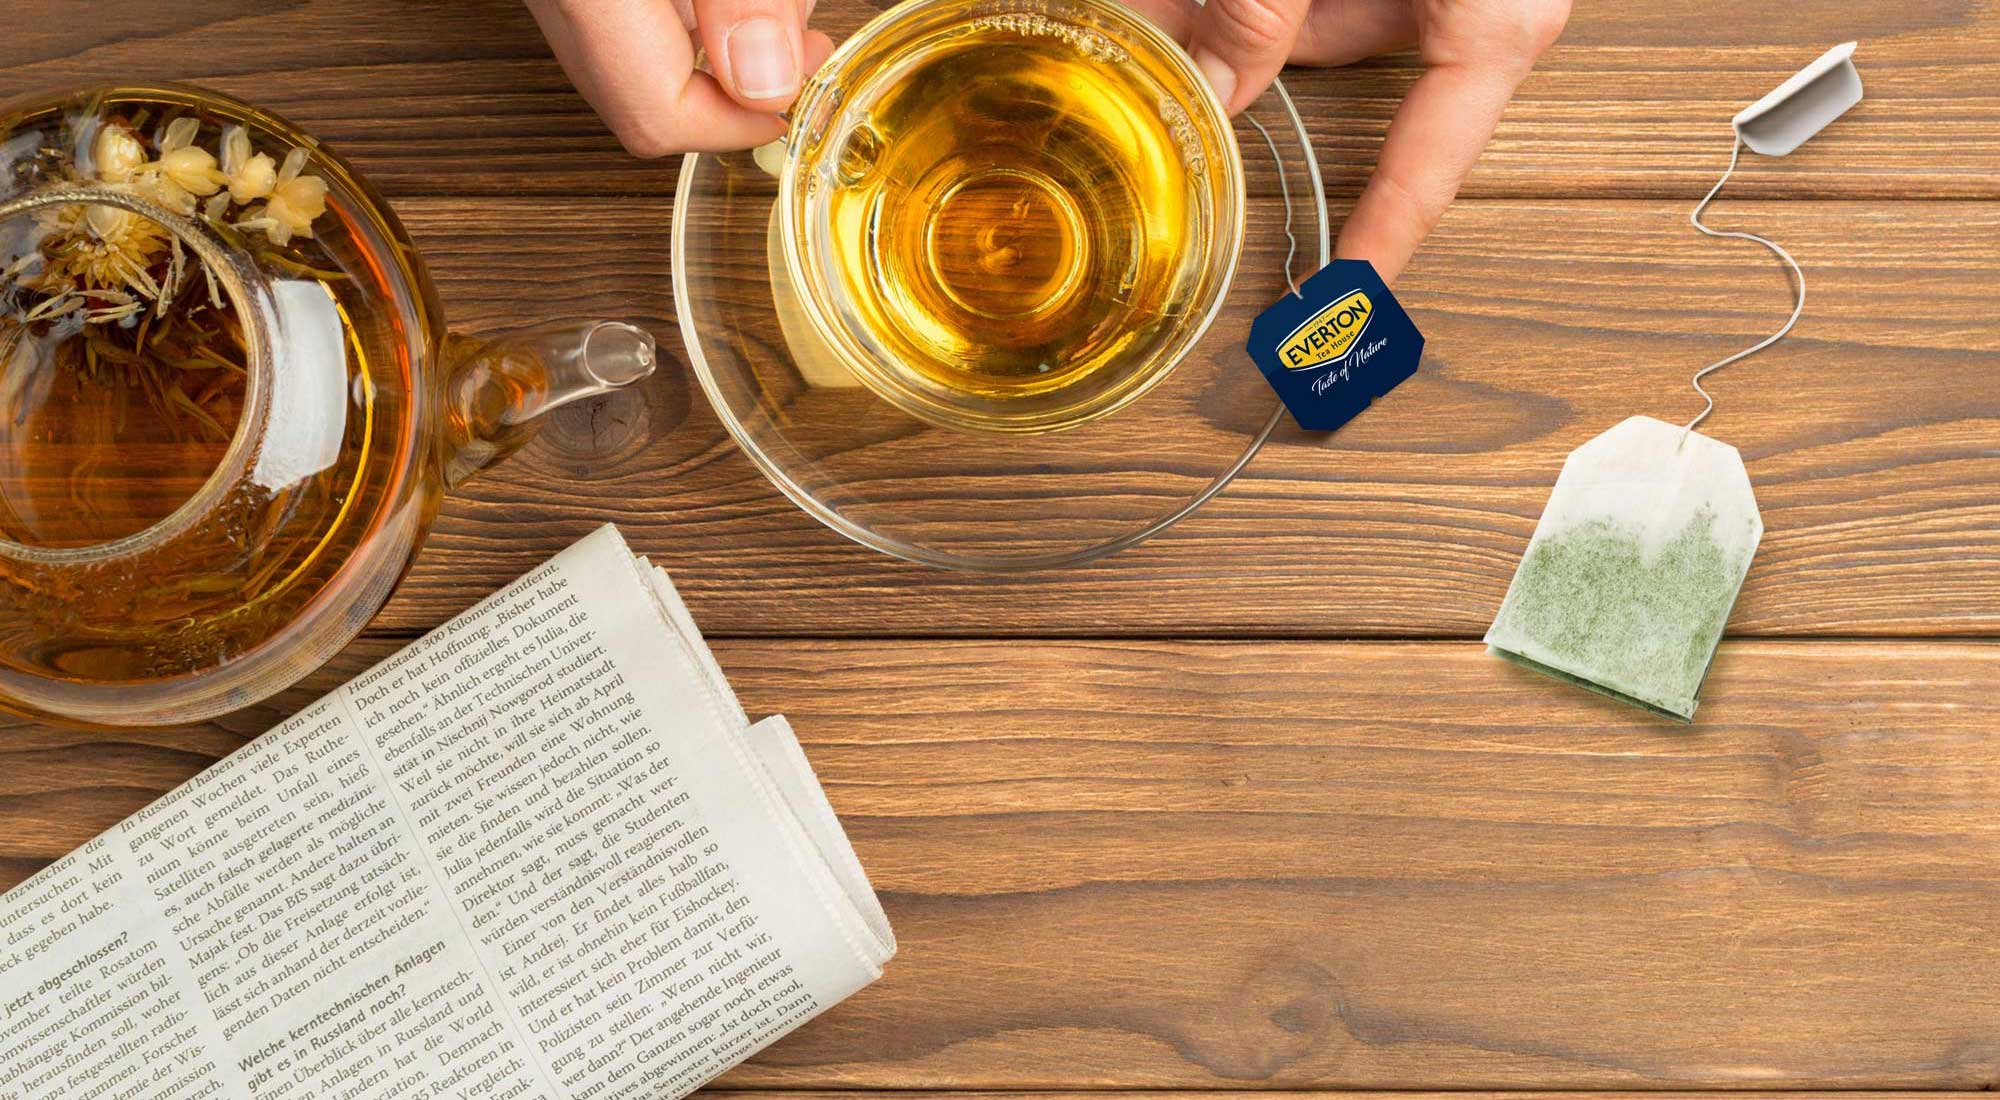 Everton, l'unica azienda italiana di tè certificata UTZ per il proprio marchio